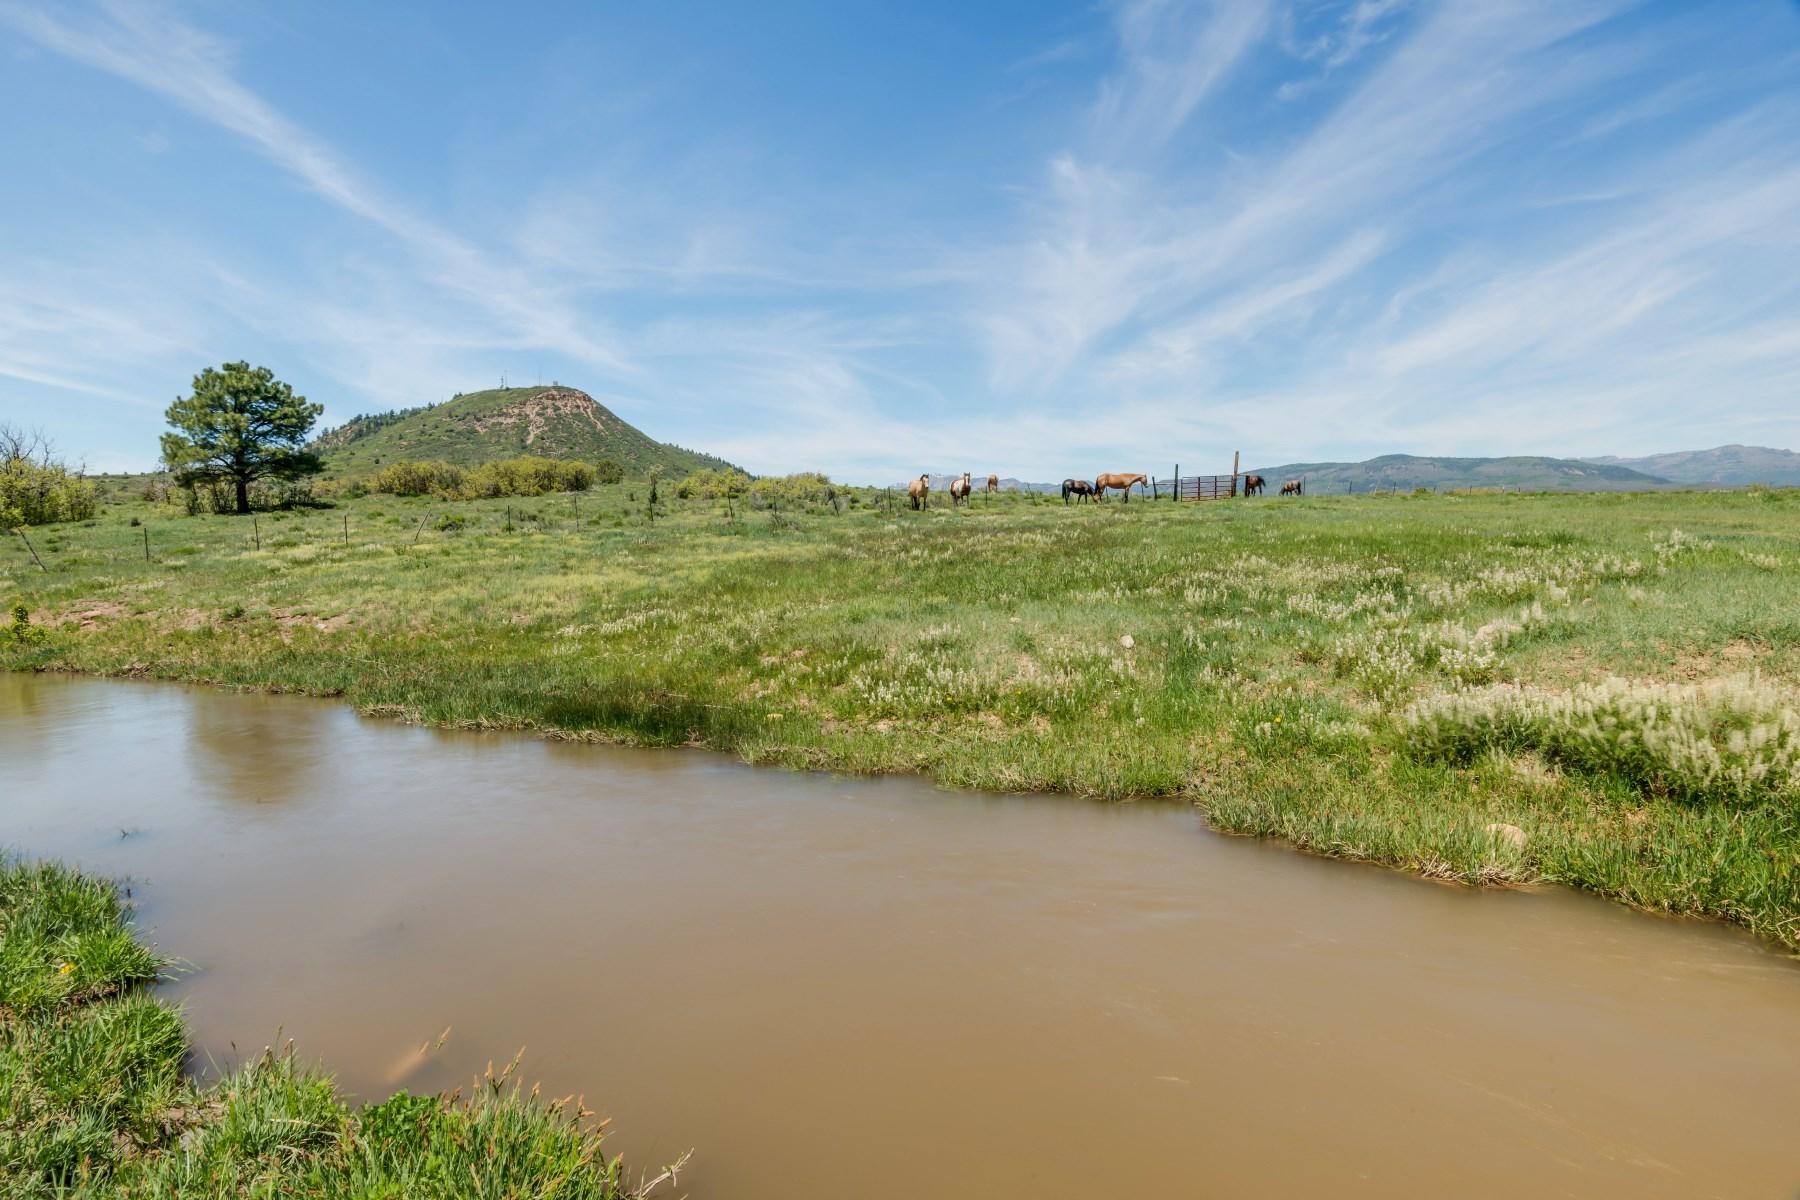 Nông trại / Trang trại / Vườn vì Bán tại 2199 Torrez Ranch 2199 Torrez Ranch F&R Chama, New Mexico 87520 Hoa Kỳ